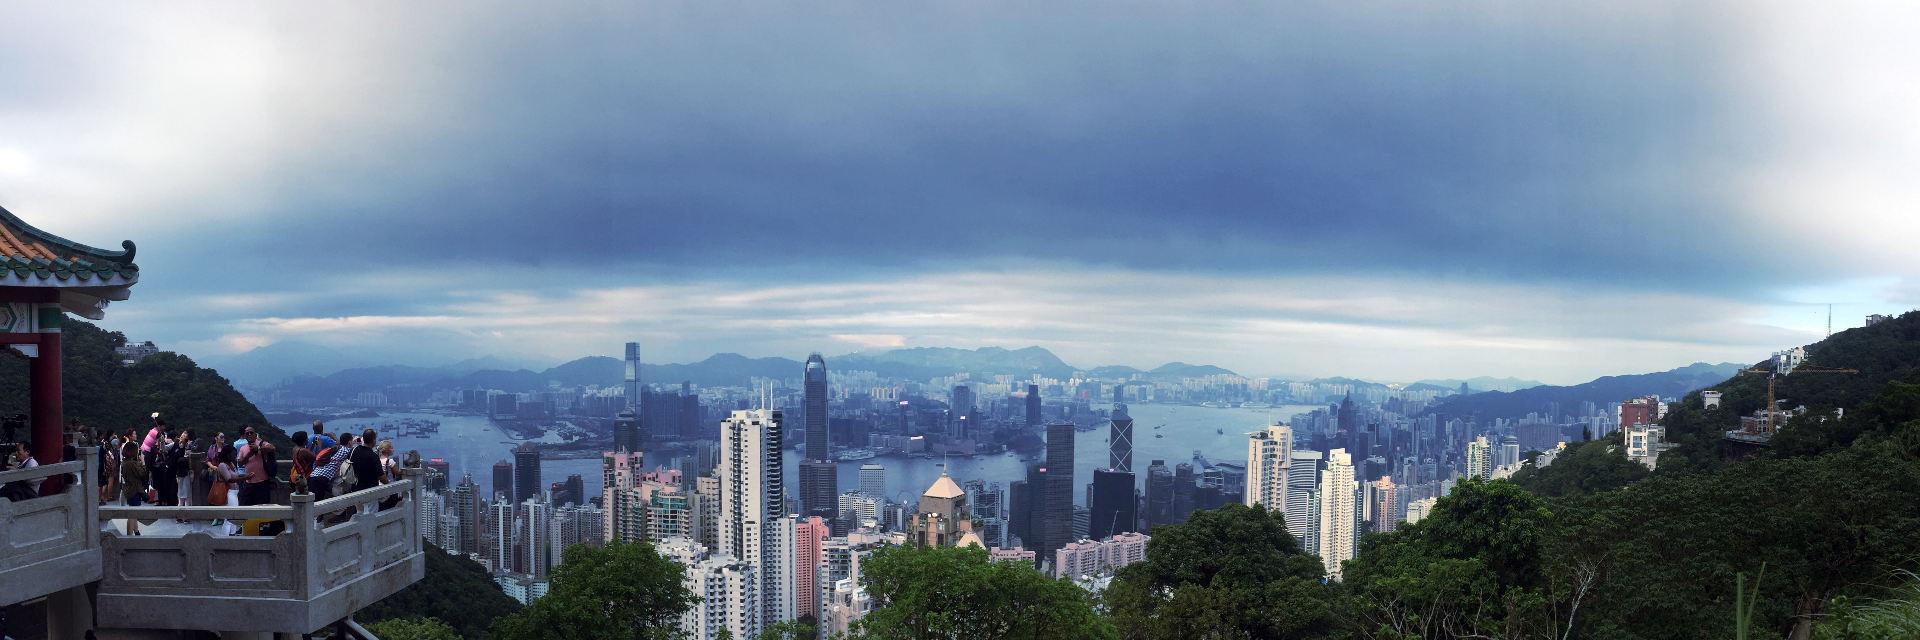 2 dni w Hongkongu w drodze powrotnej z Japonii? Dlaczego nie! Hongkong robi piorunujące wrażenie, a wysokość i pomysłowa architektura drapaczy chmur przyprawia o zawrót głowy.